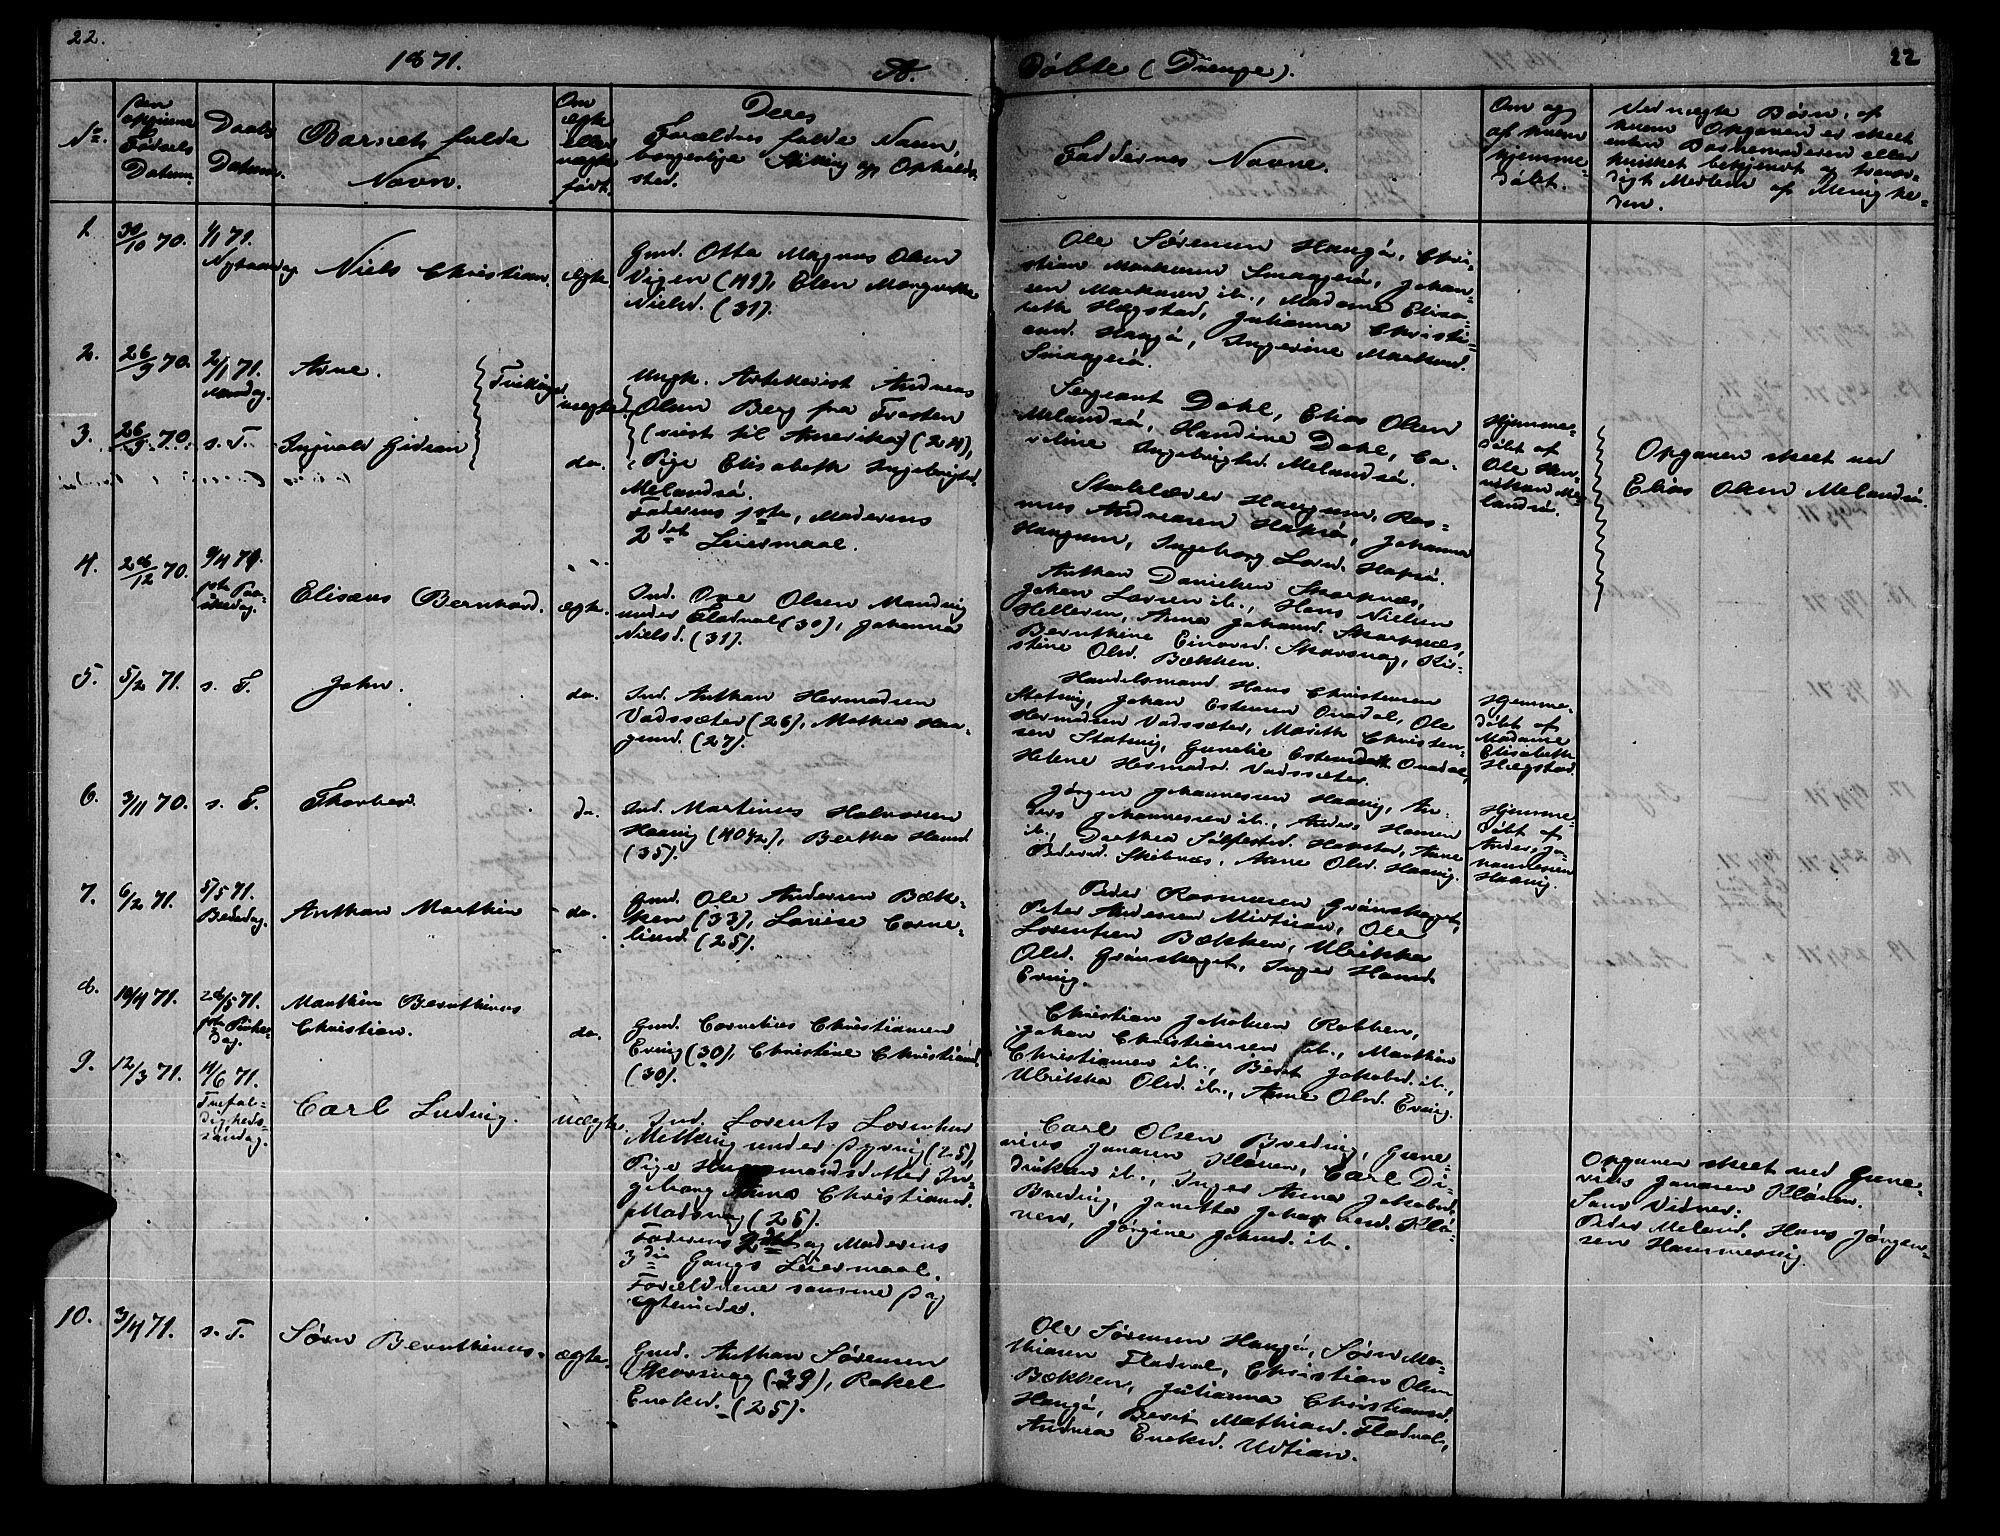 SAT, Ministerialprotokoller, klokkerbøker og fødselsregistre - Sør-Trøndelag, 634/L0539: Klokkerbok nr. 634C01, 1866-1873, s. 22